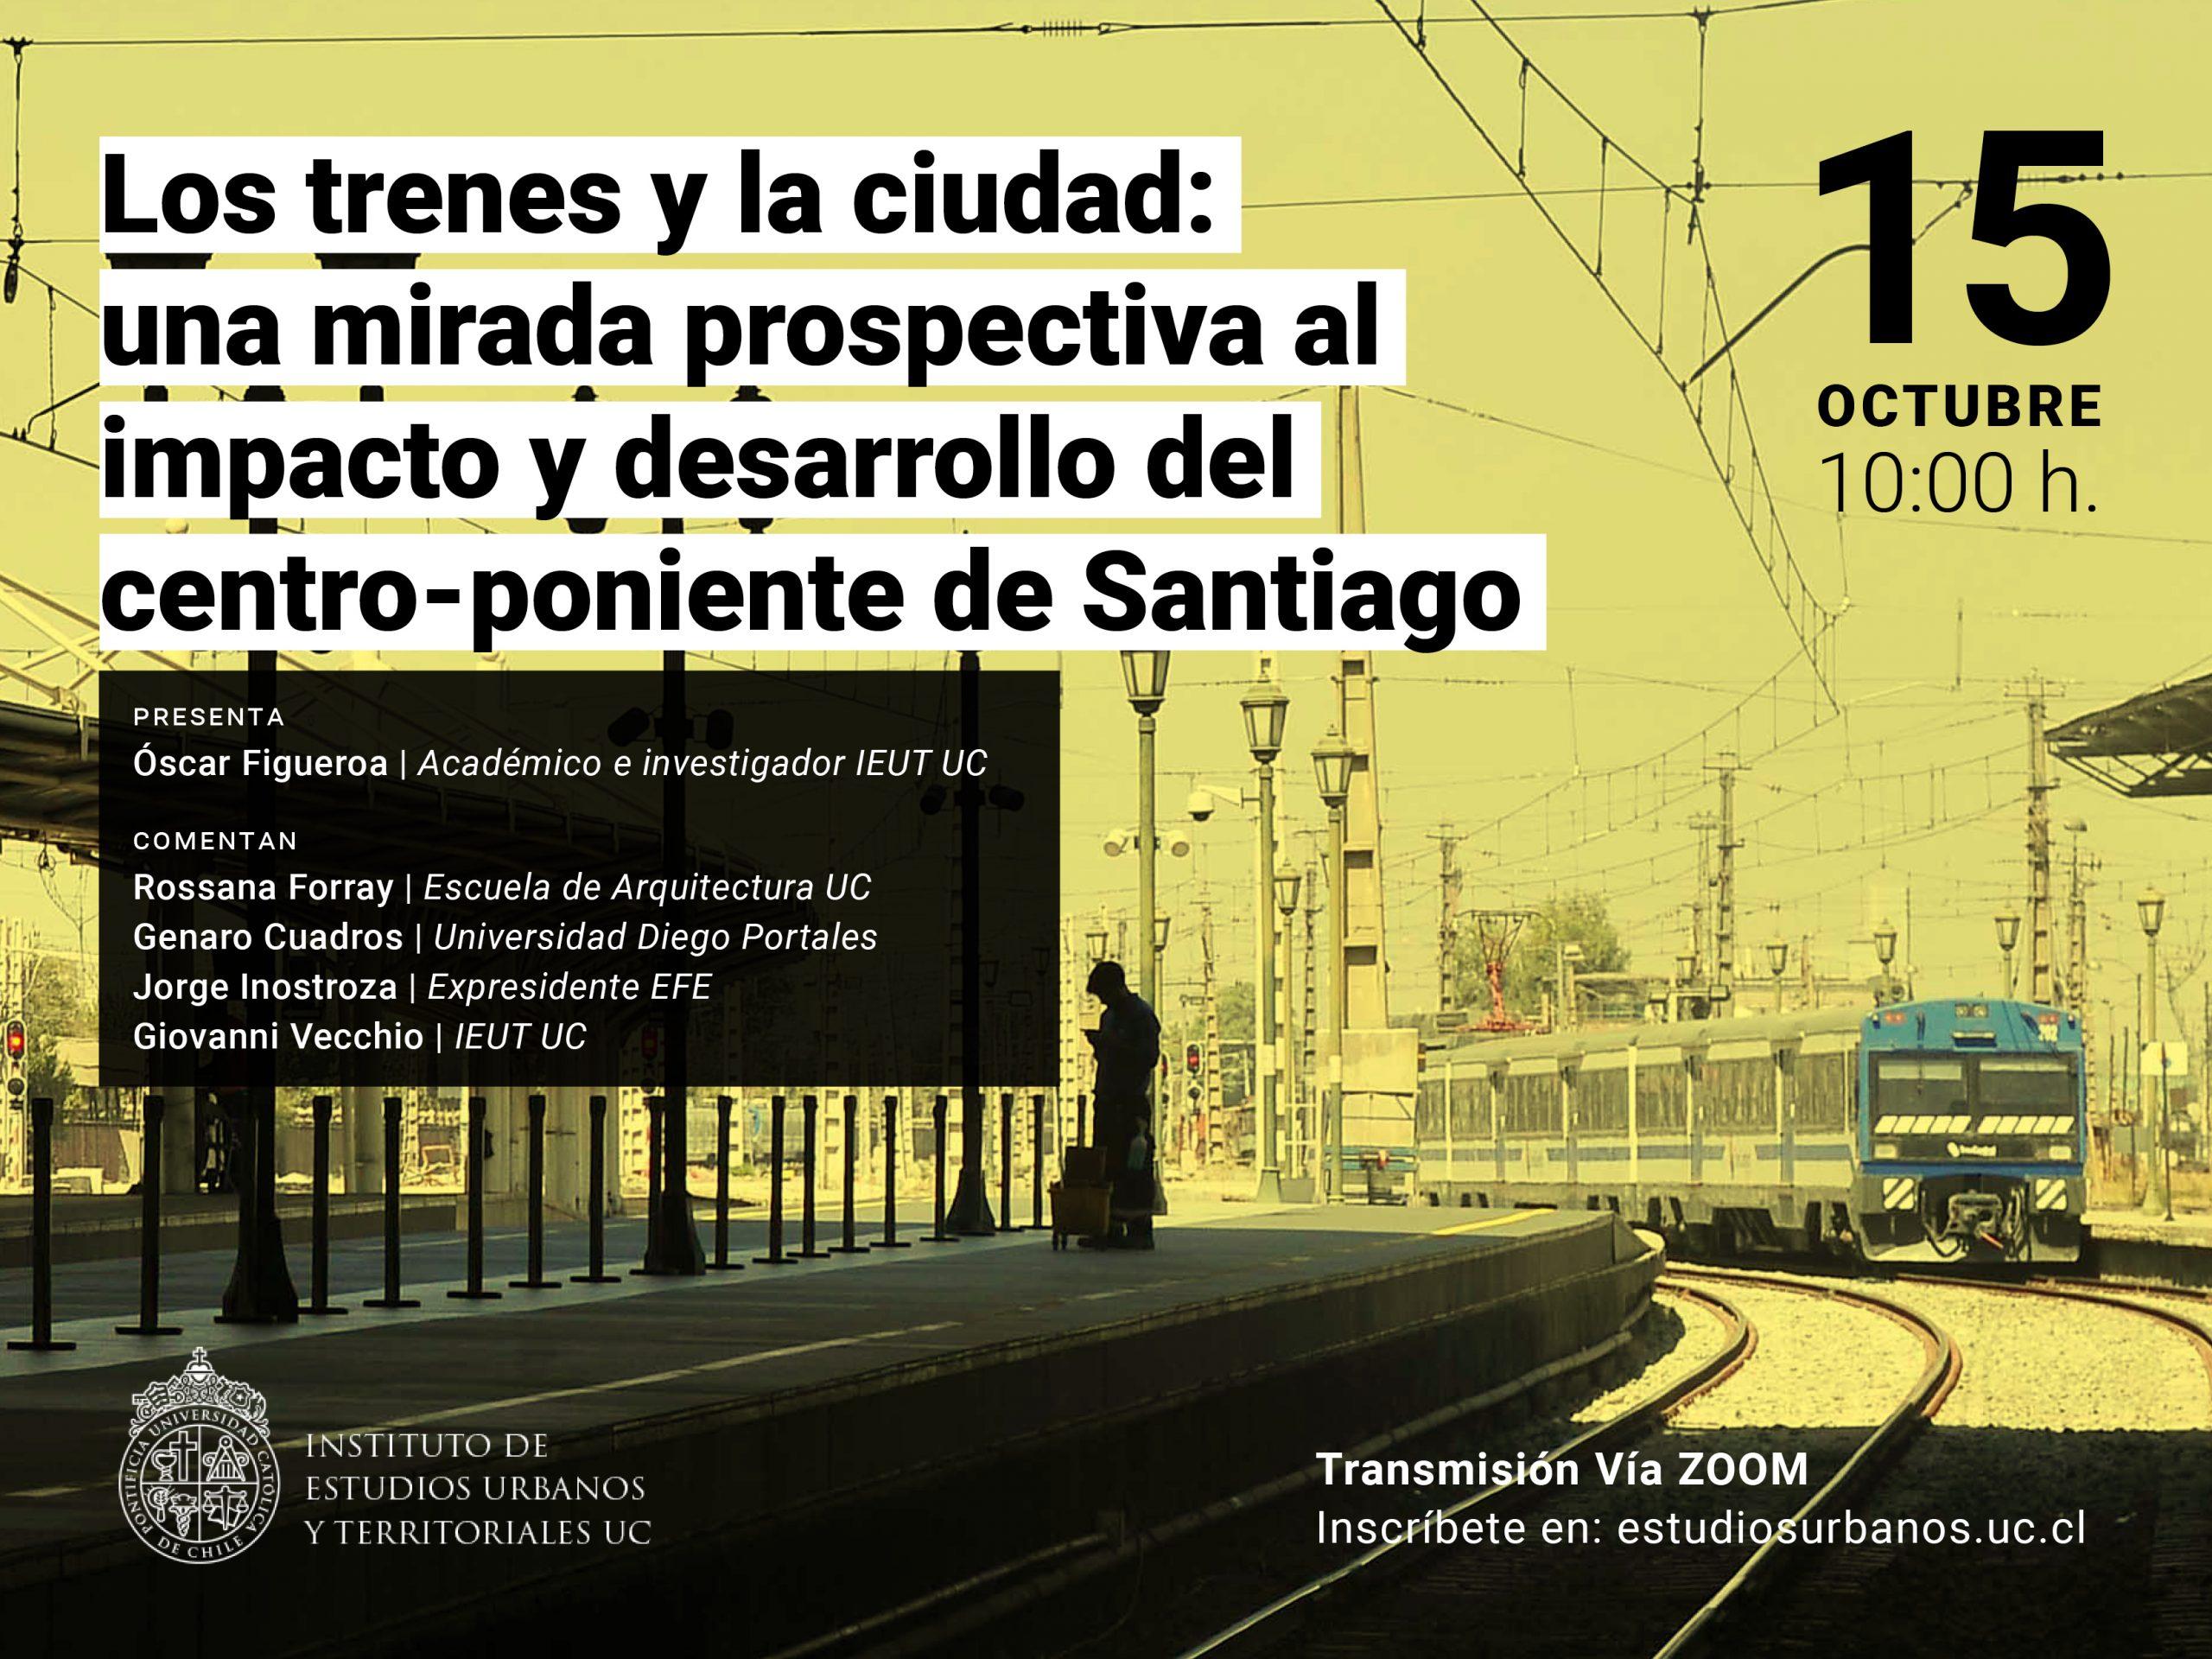 Seminario | Los trenes y la ciudad: una mirada prospectiva al impacto y desarrollo del centro-poniente de Santiago